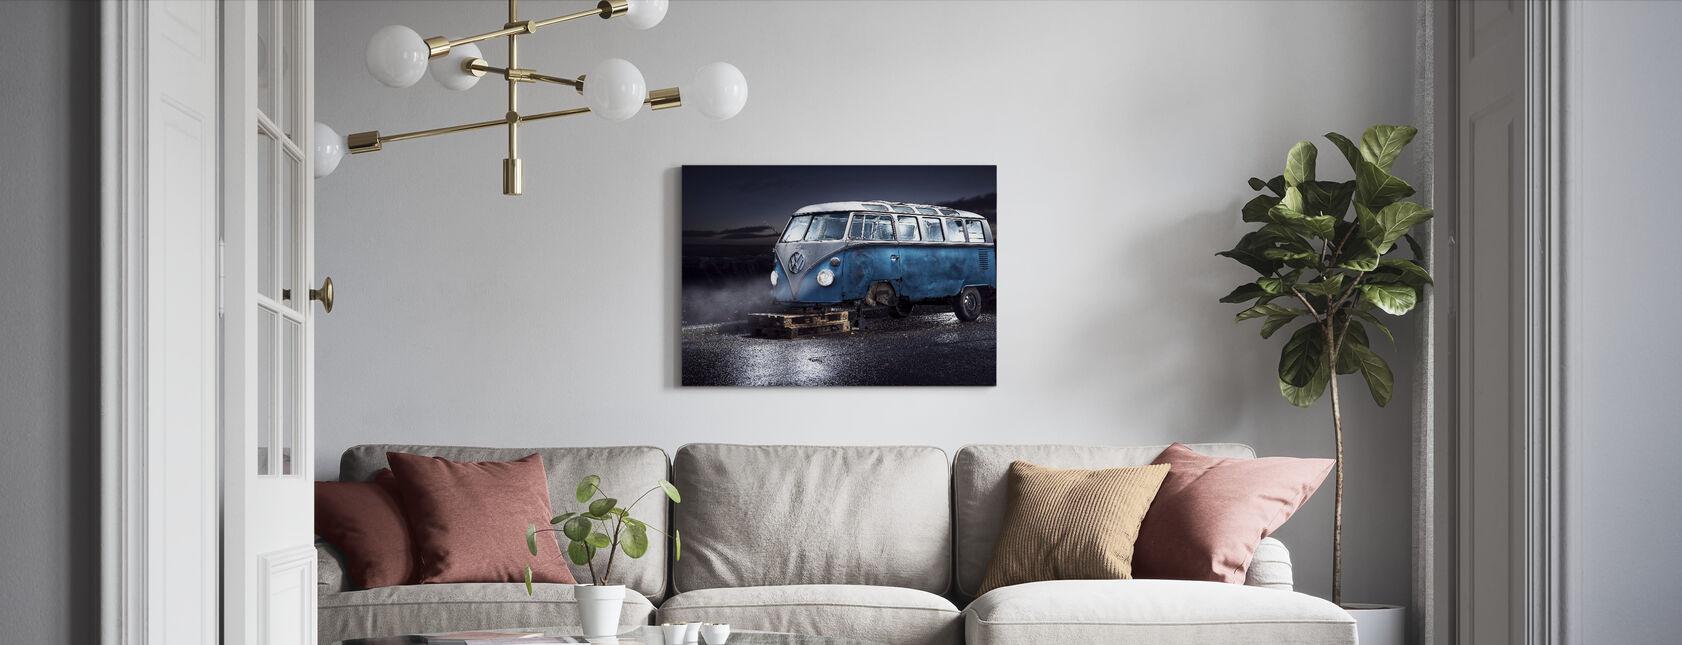 VW Kleinbus - Leinwandbild - Wohnzimmer